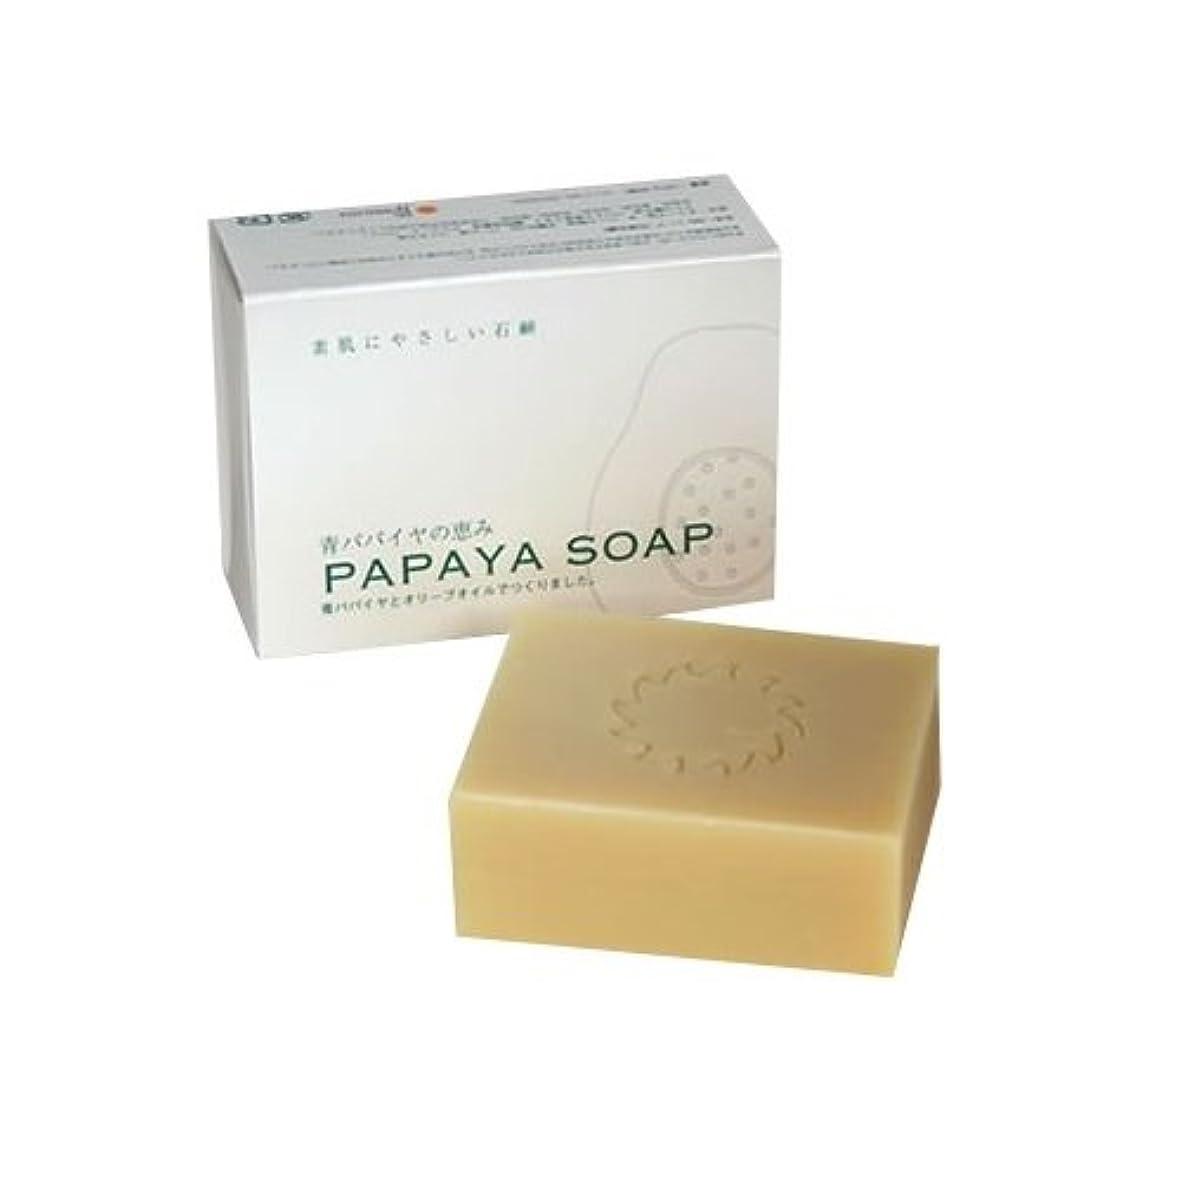 救援ワイド混沌青パパイヤの恵み PAPAYA SOAP(パパイヤソープ) 100g